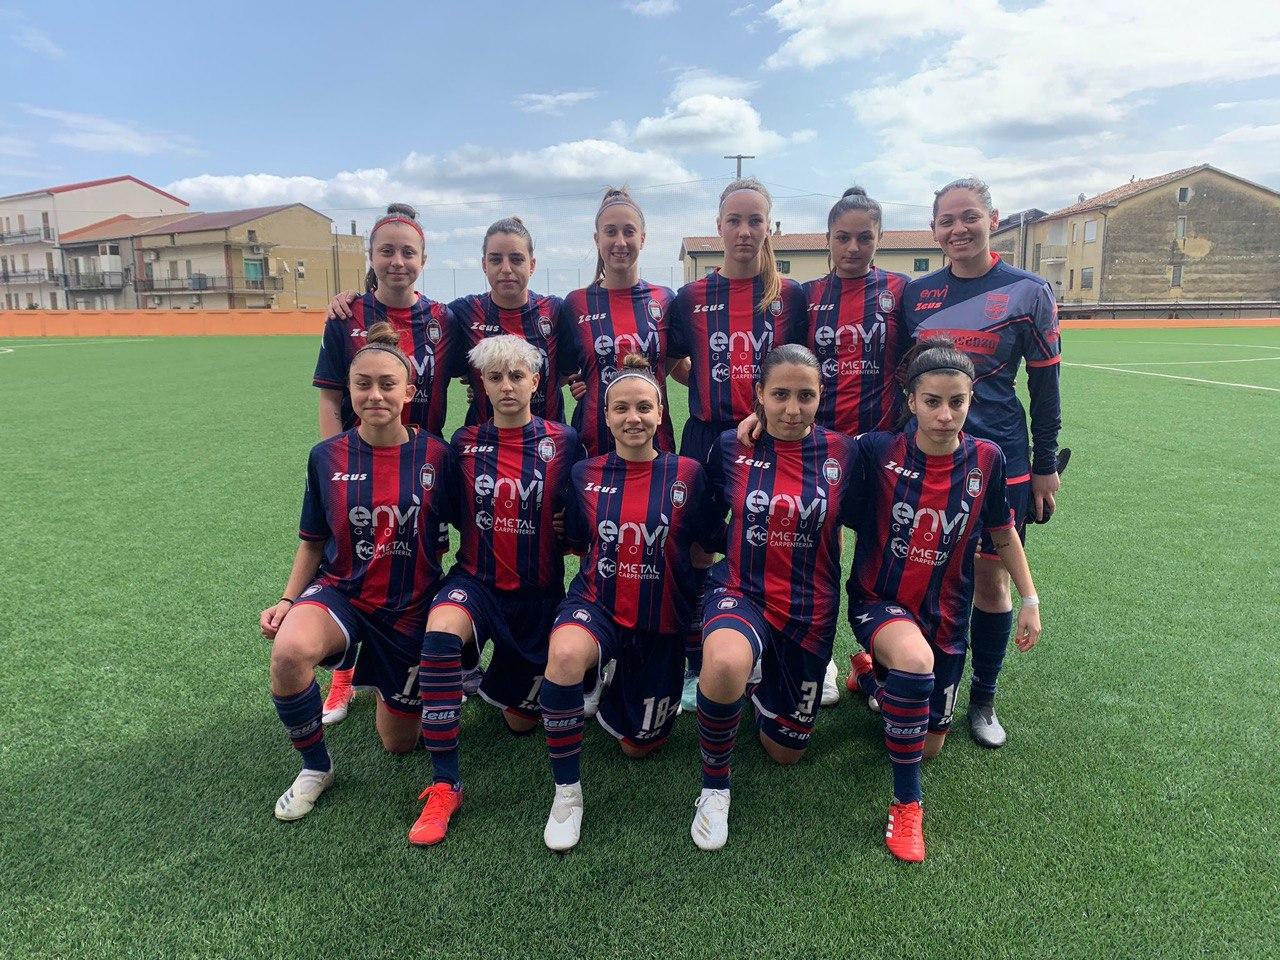 Femminile Serie C, 11ª giornata: Crotone-Formello 2-7